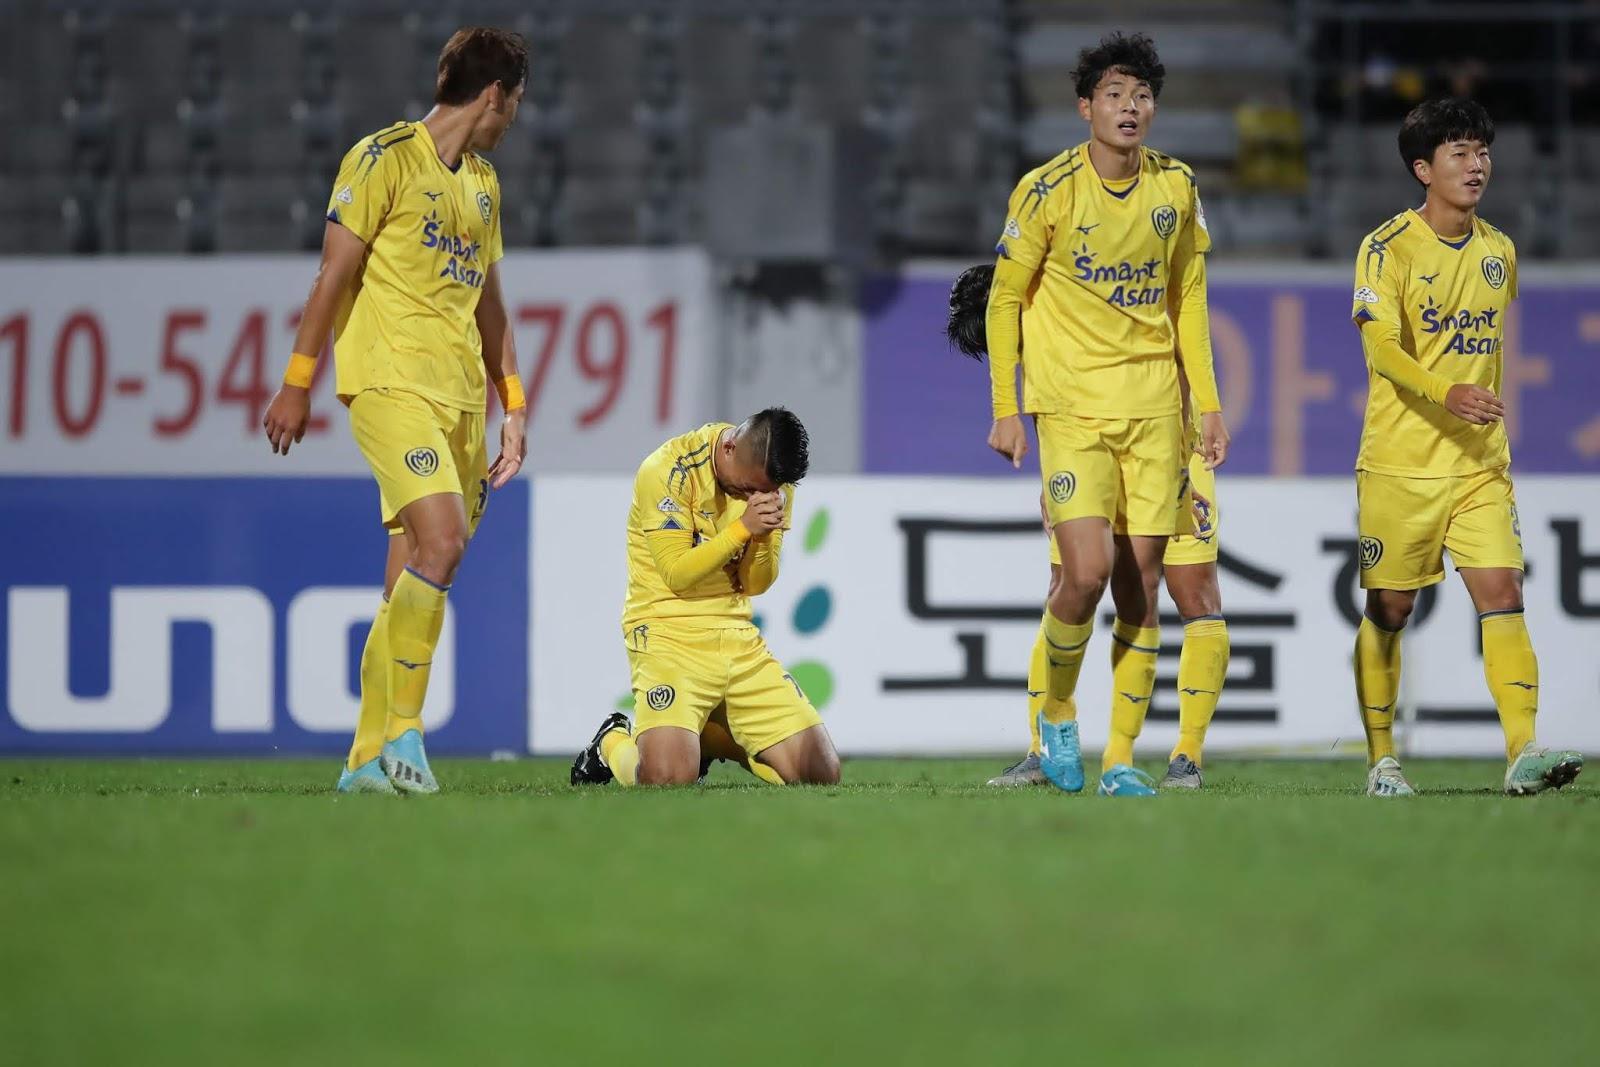 Joseph Choi against Jeonnam 09.23.19